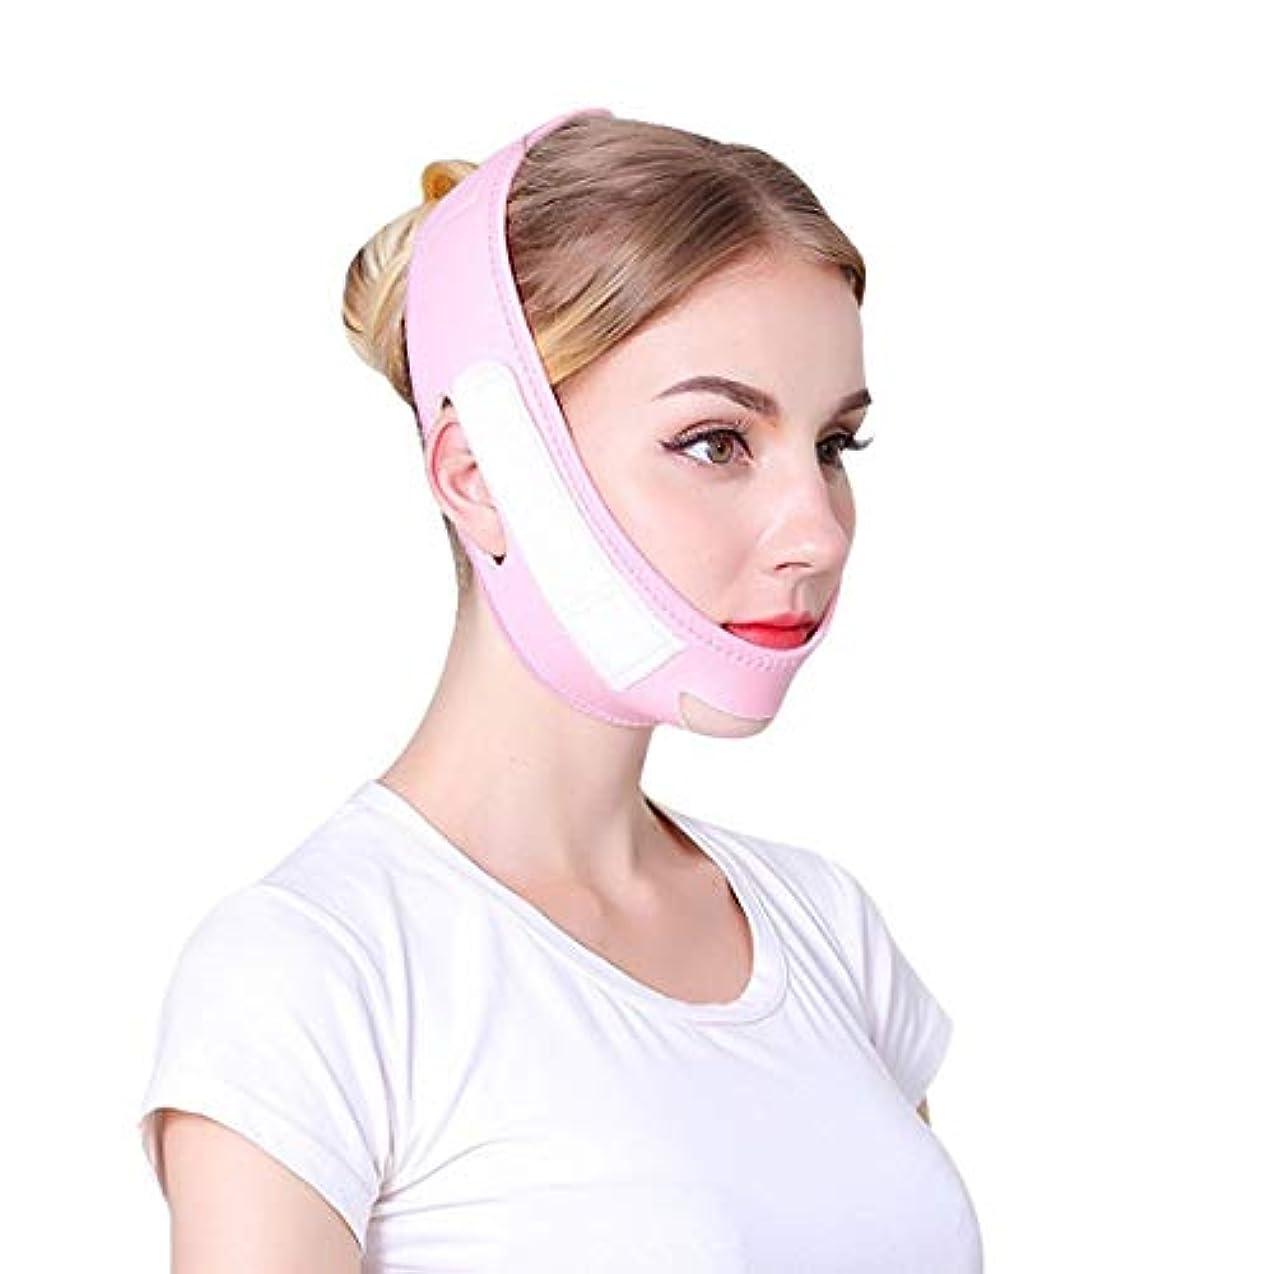 胴体侵入する政府ZWBD フェイスマスク, 痩身Vマスク二重あごケア減量美容ベルト付きフェイスリフティング包帯顔の減量マスクリフティングフェイス